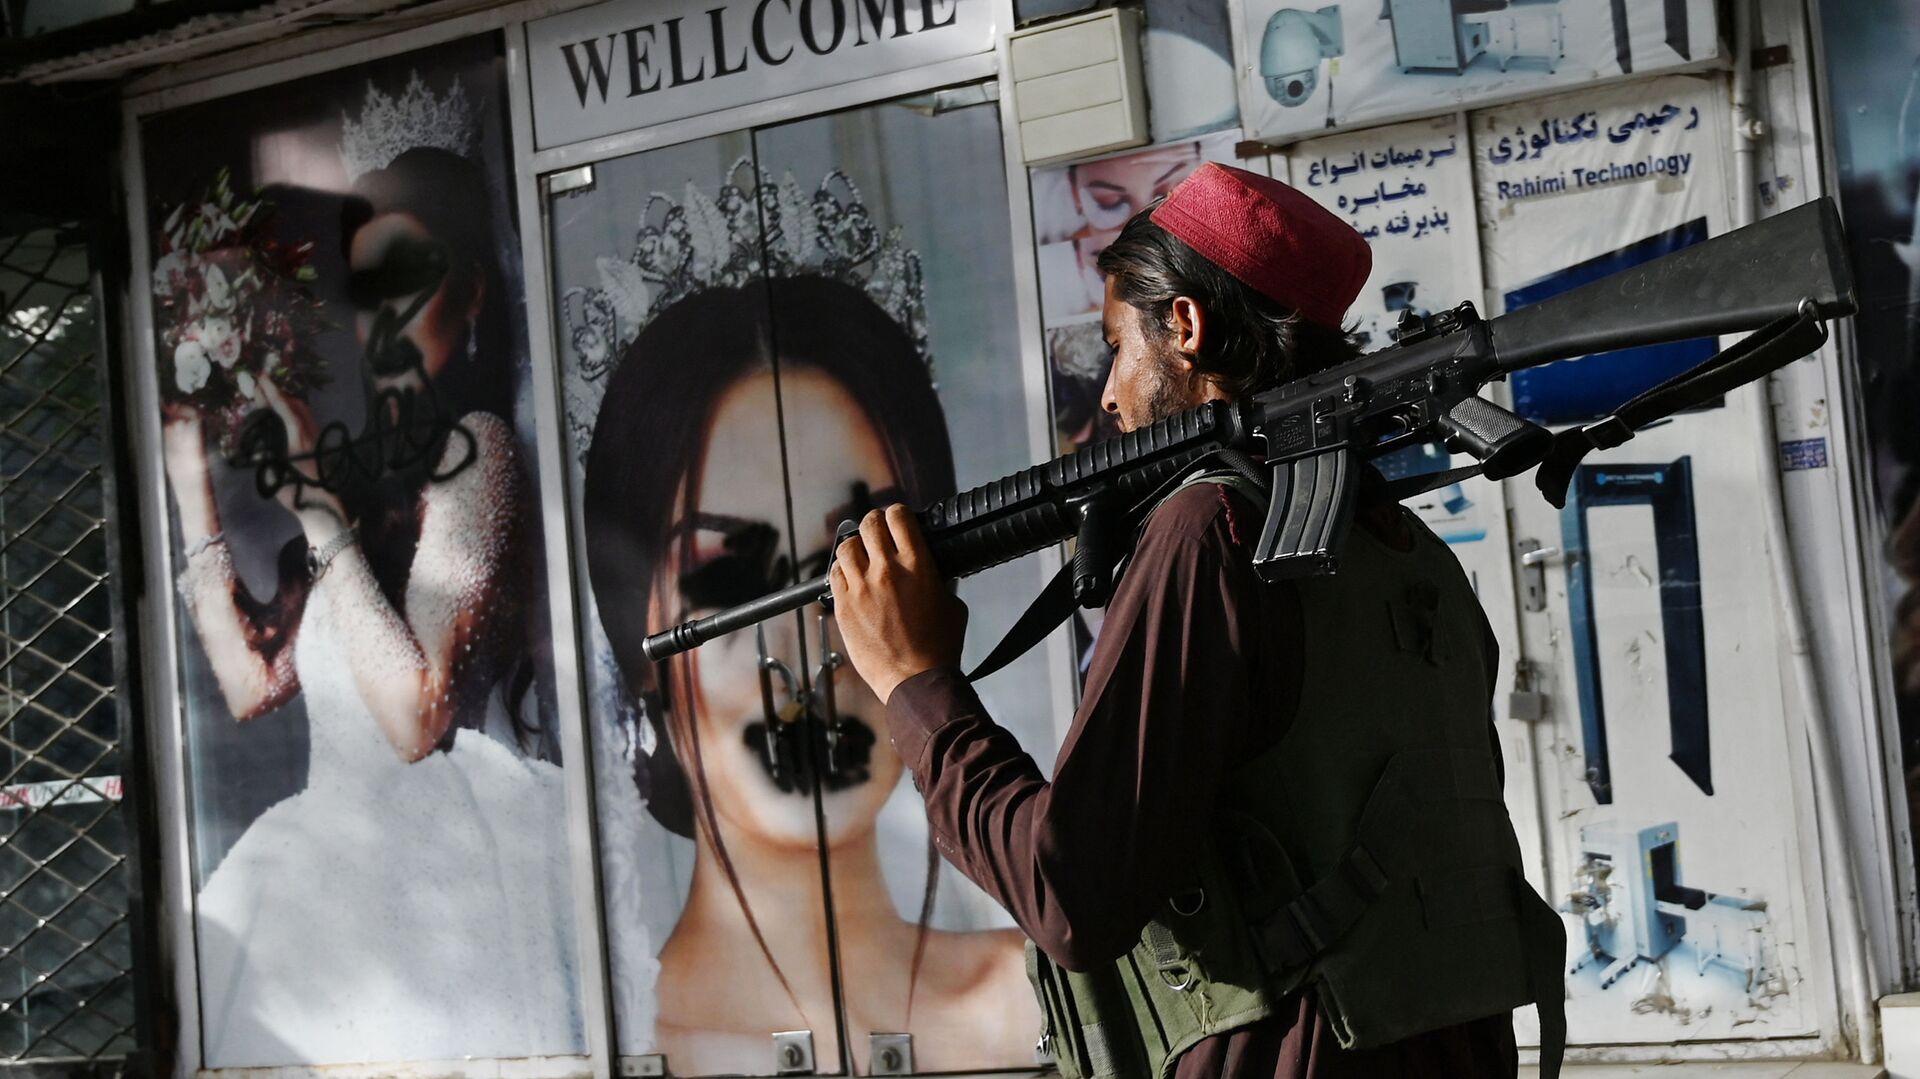 Боевик Талибана* у салона красоты с изображениями женщин, испачканных аэрозольной краской, в Шахр-э Нау в Кабуле - Sputnik Ўзбекистон, 1920, 08.10.2021